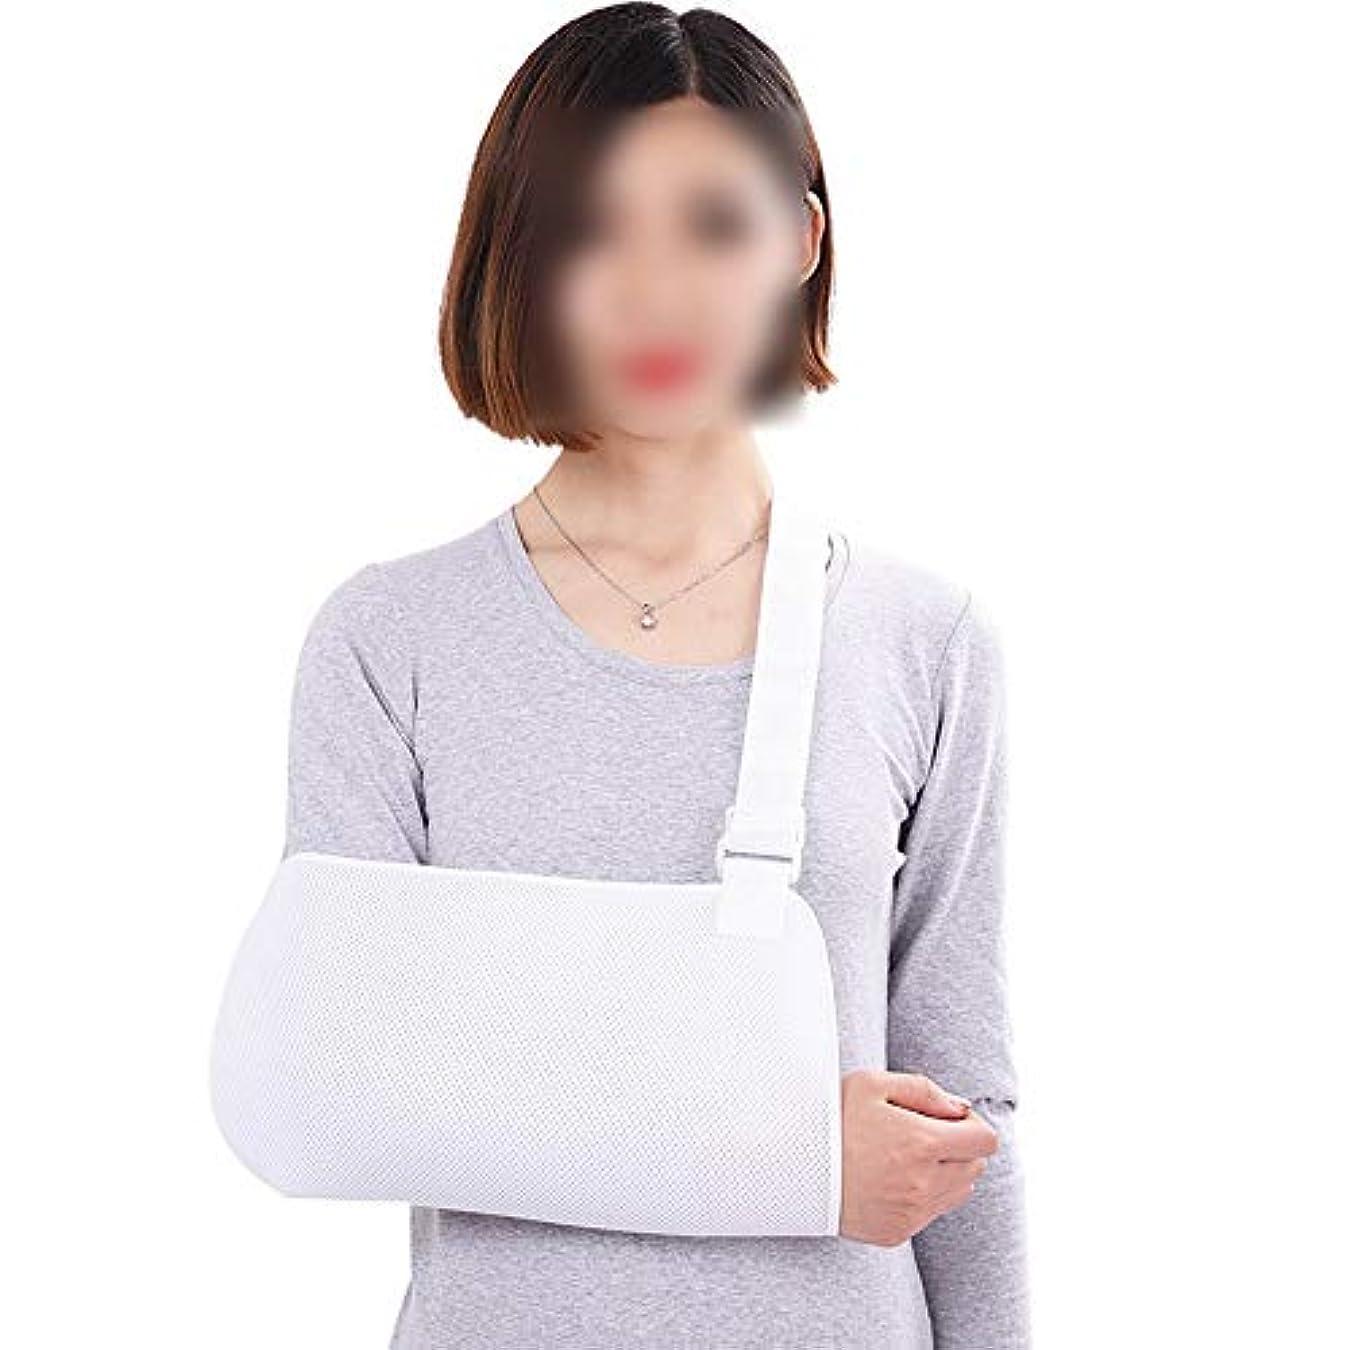 サッカー袋コークスZYL-YL ハンギングネック包帯ホワイト前腕ストラップ腕手首肘関節の肩関節骨折負傷ソリッド装具ツールアームスリング